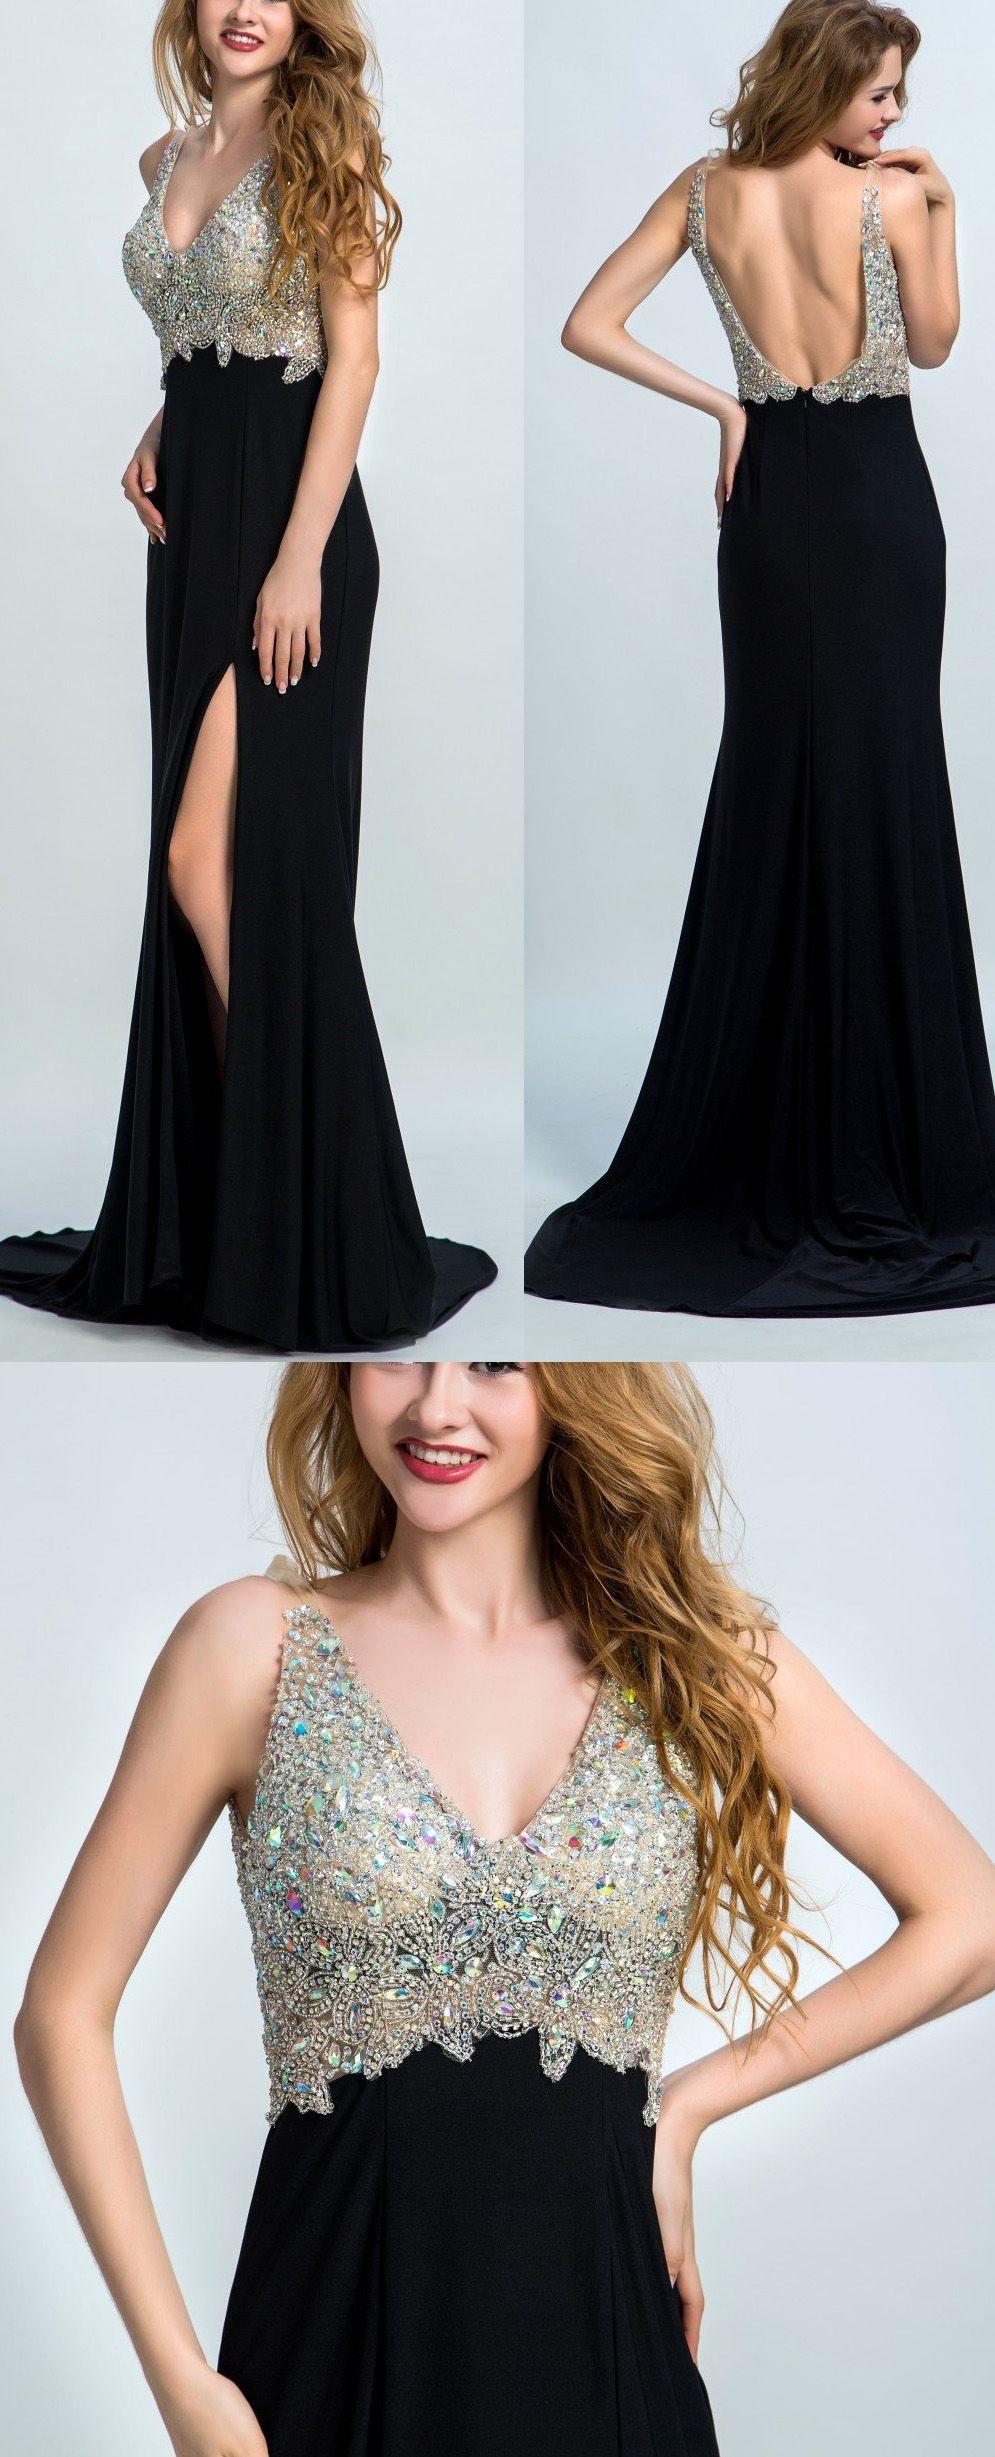 Black Prom Dresses Long Evening Dresses Long Black Prom Dresses